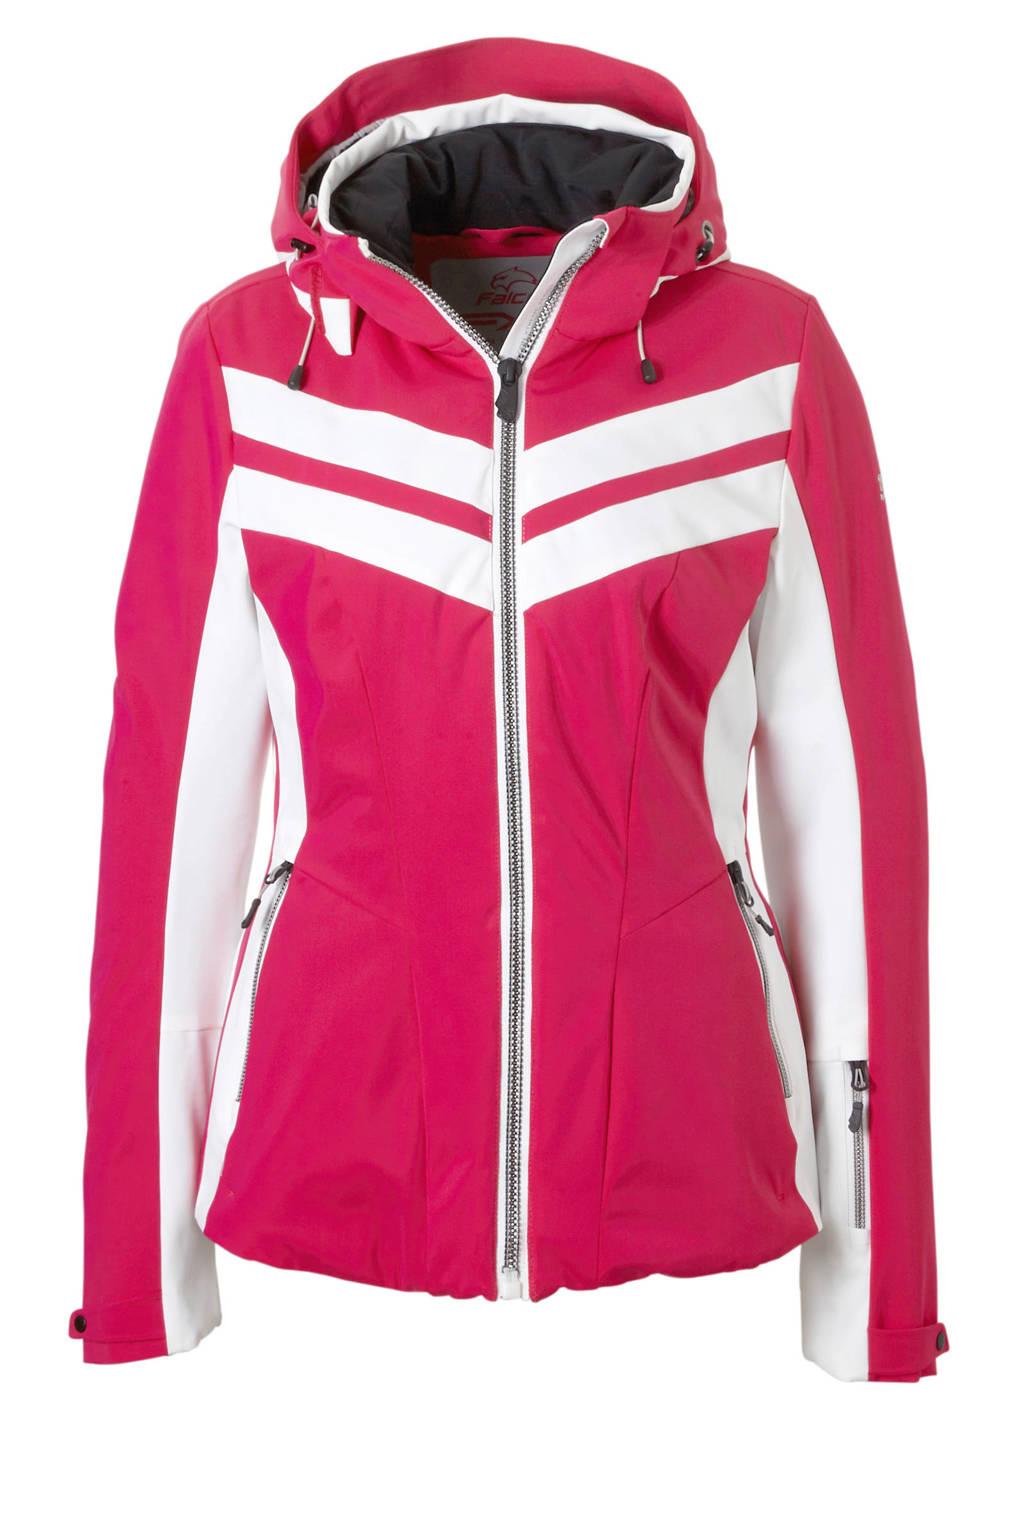 Falcon ski-jack Telica roze, Roze/wit